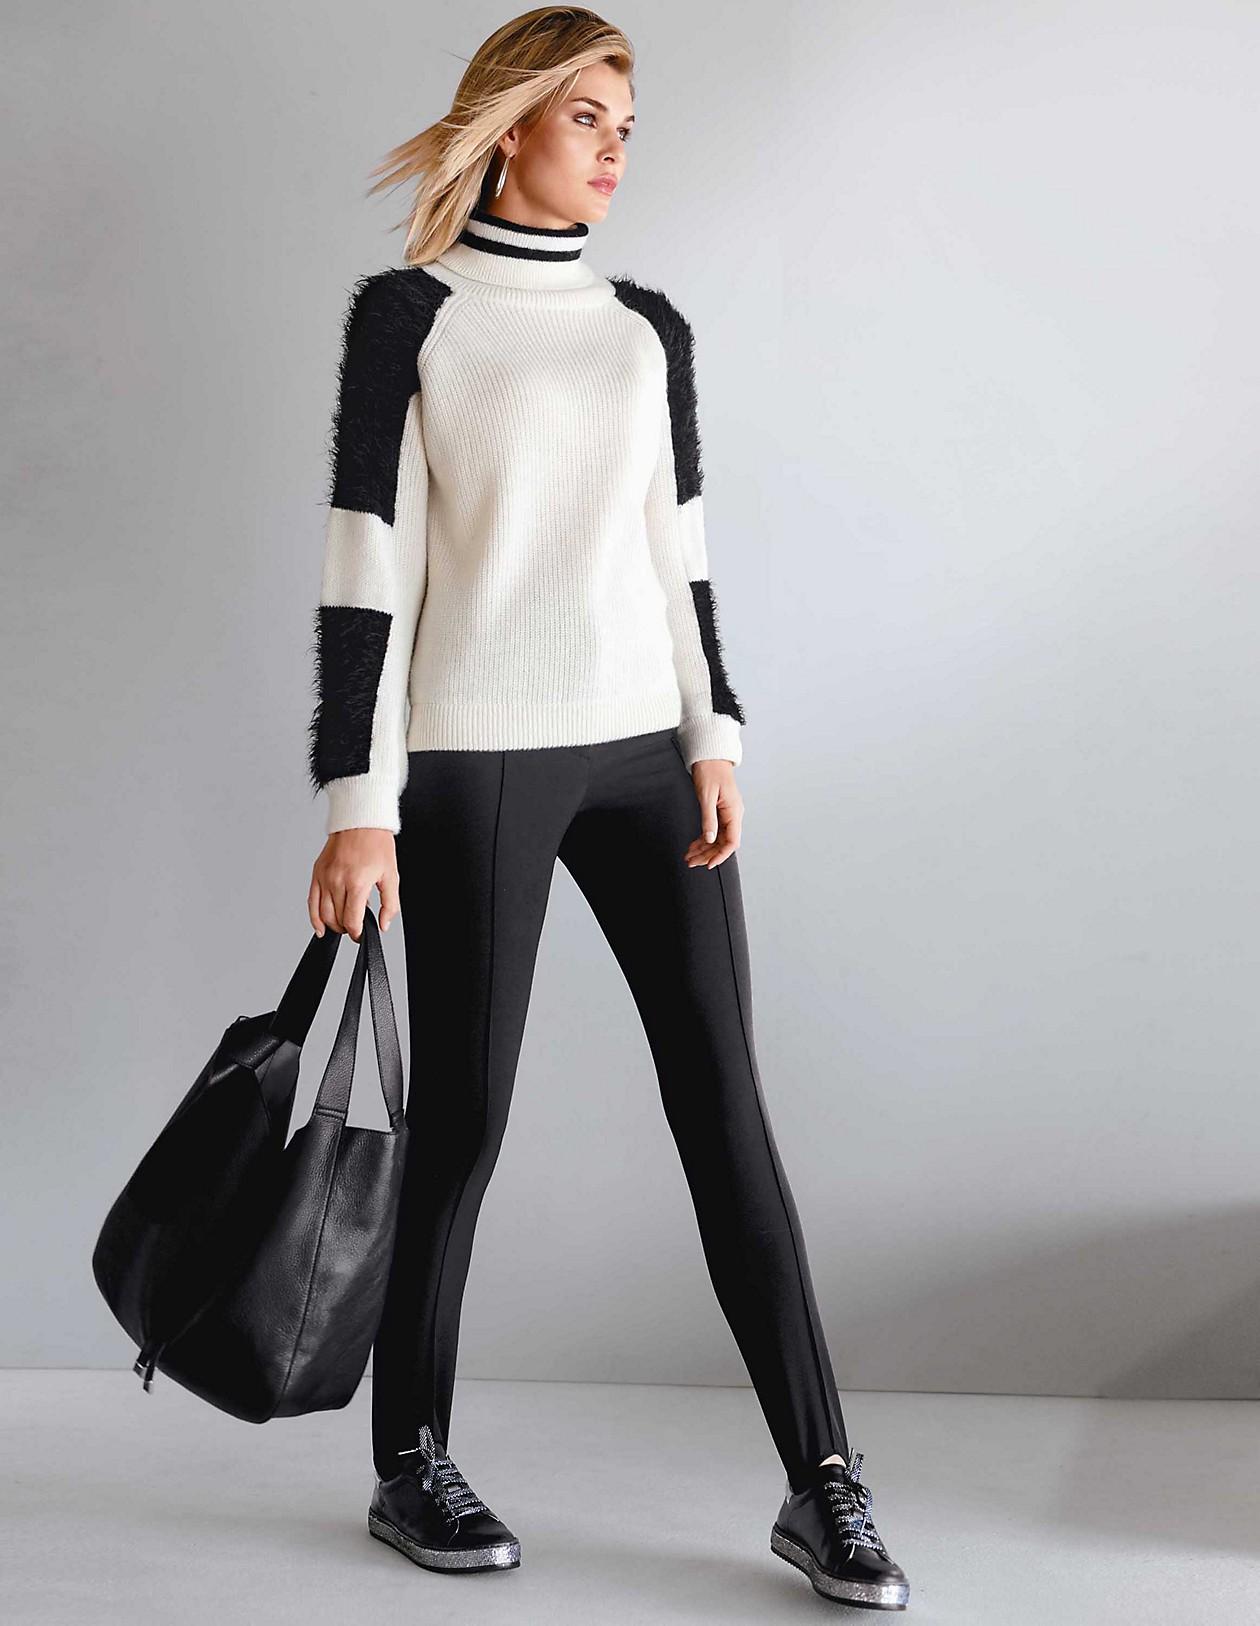 Steghose, schwarz, schwarz | MADELEINE Mode